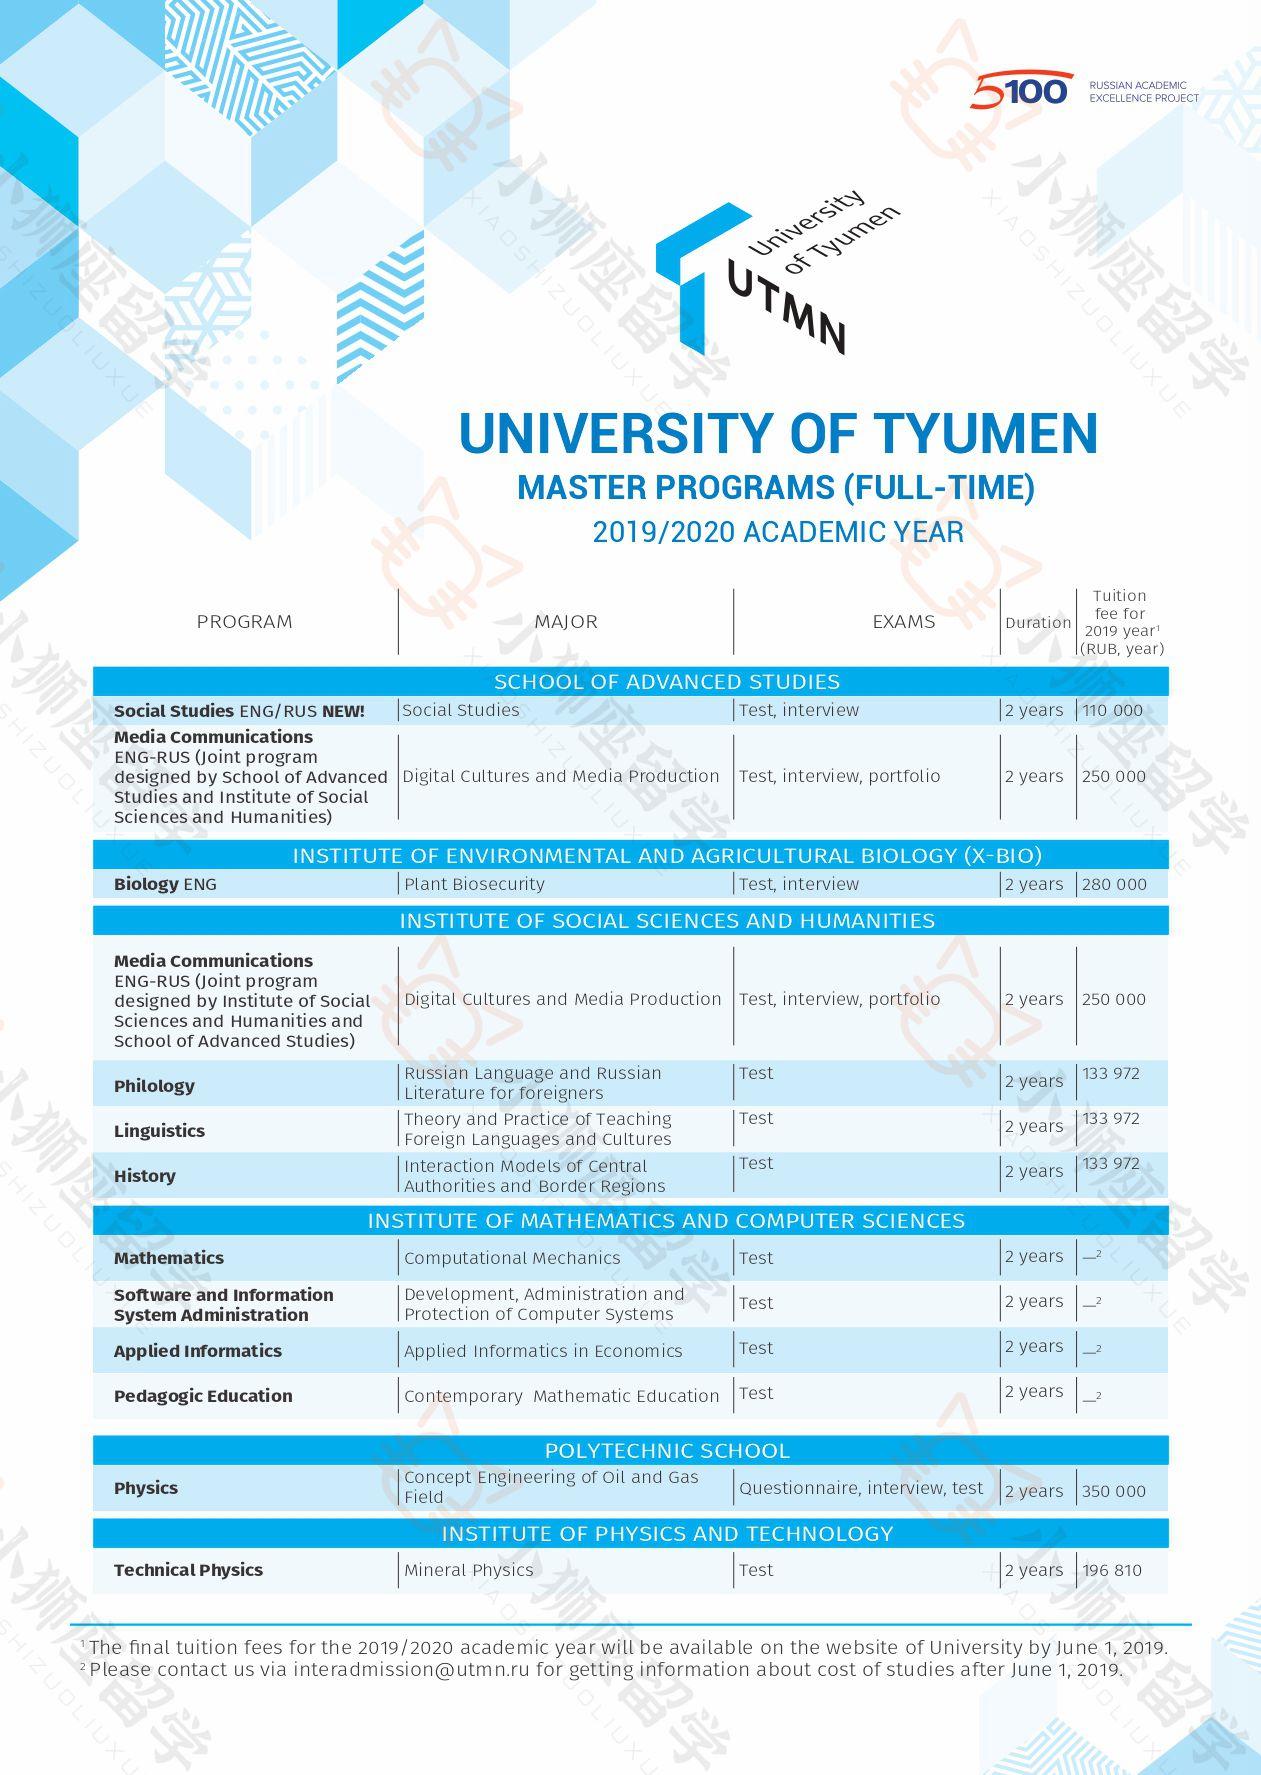 俄罗斯留学|俄罗斯大学|秋明国立大学学费、硕士专业和专业方向列表|秋明国立大学硕士专业介绍